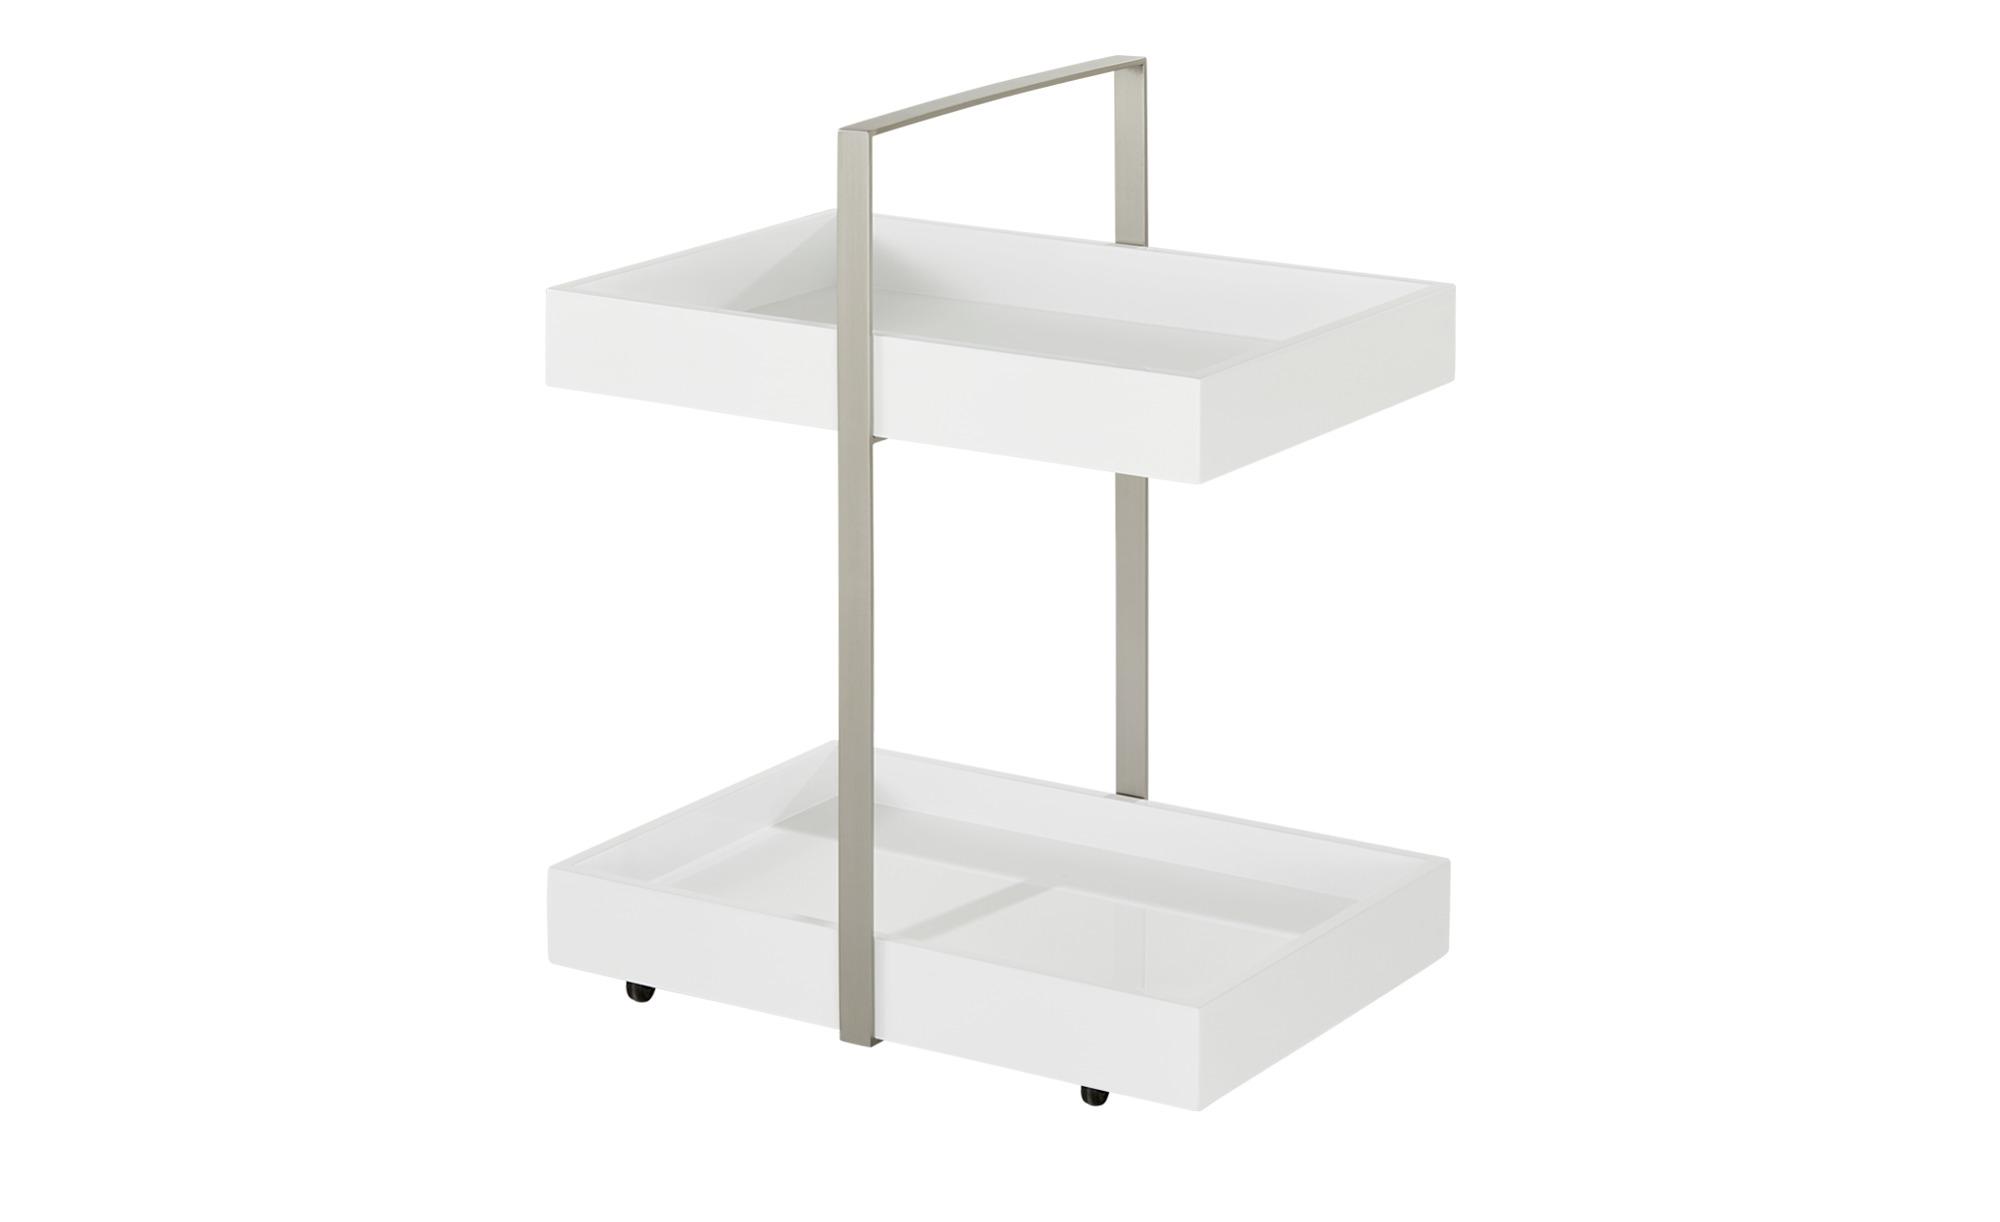 Beistelltisch Weiss 51 Cm 65 Cm 36 5 Cm Tische